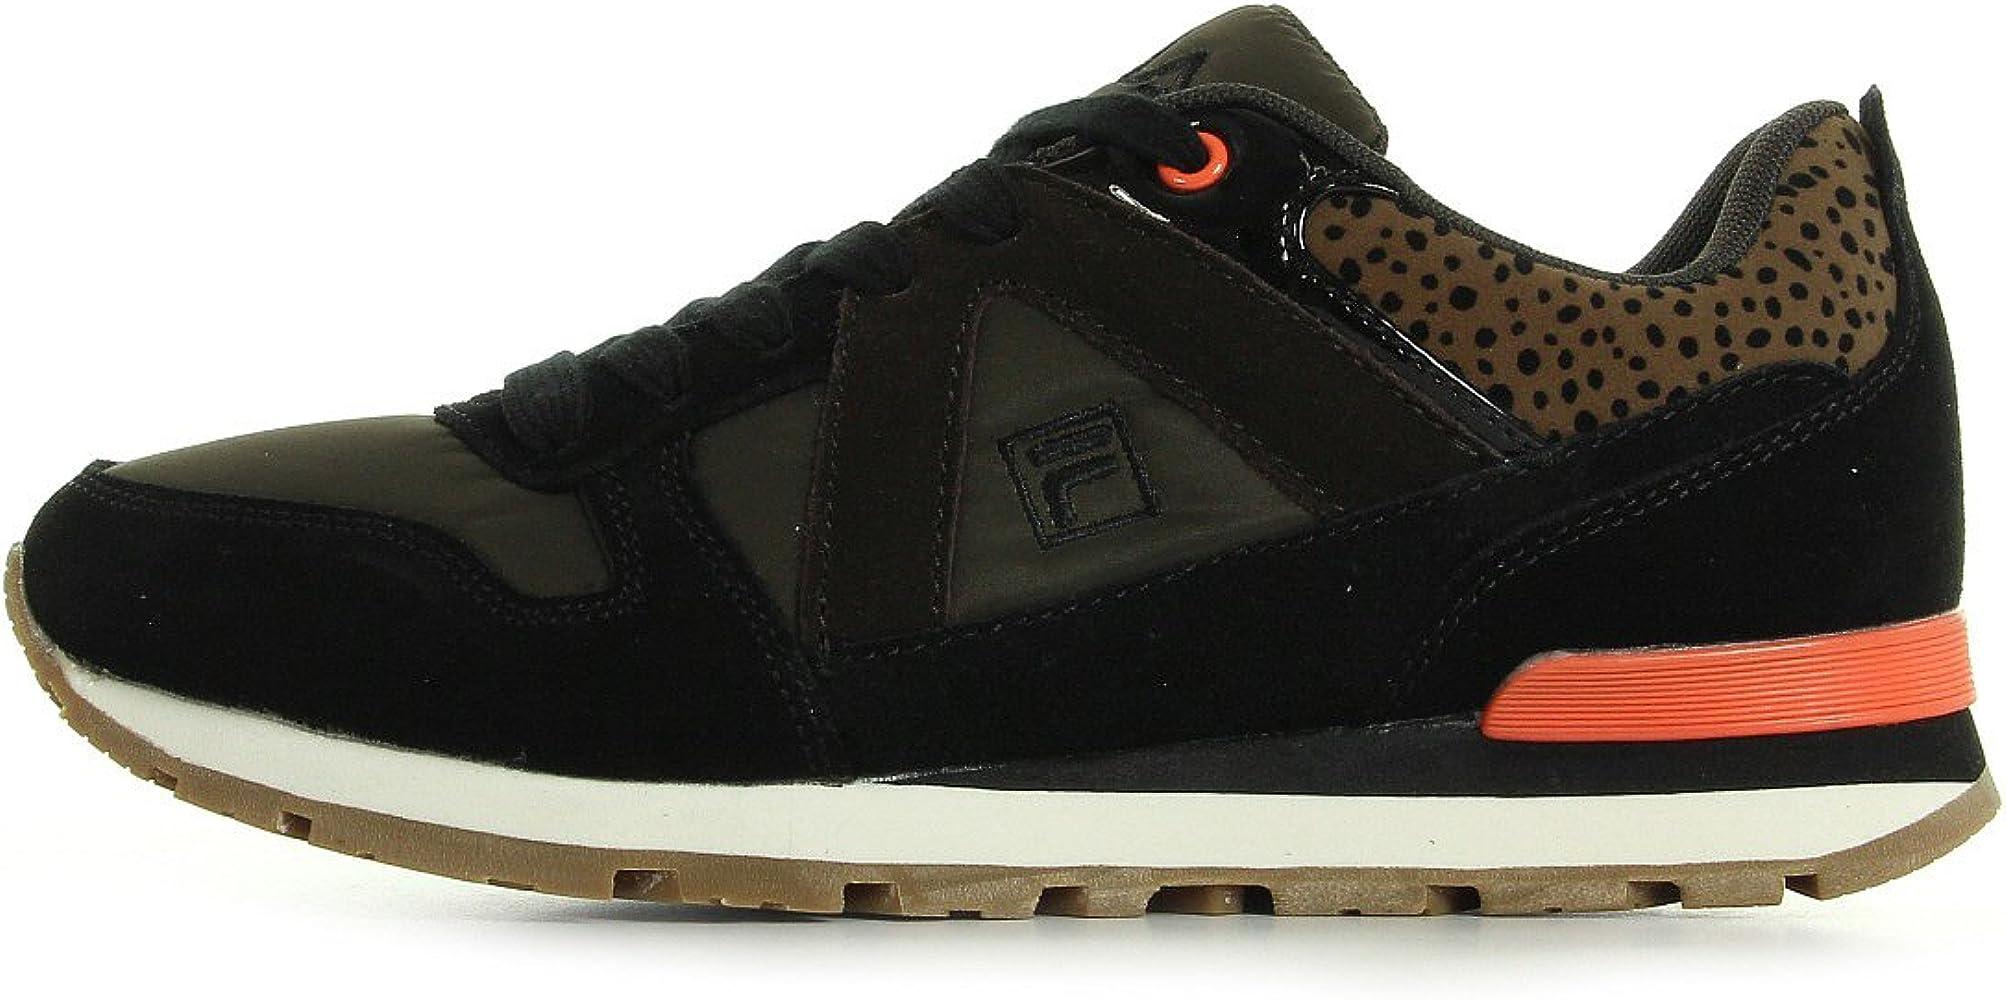 Fila Alington Low wmn - Zapatillas de Running de Piel para Mujer Marrón marrón, Color Marrón, Talla 40 UE: Amazon.es: Zapatos y complementos